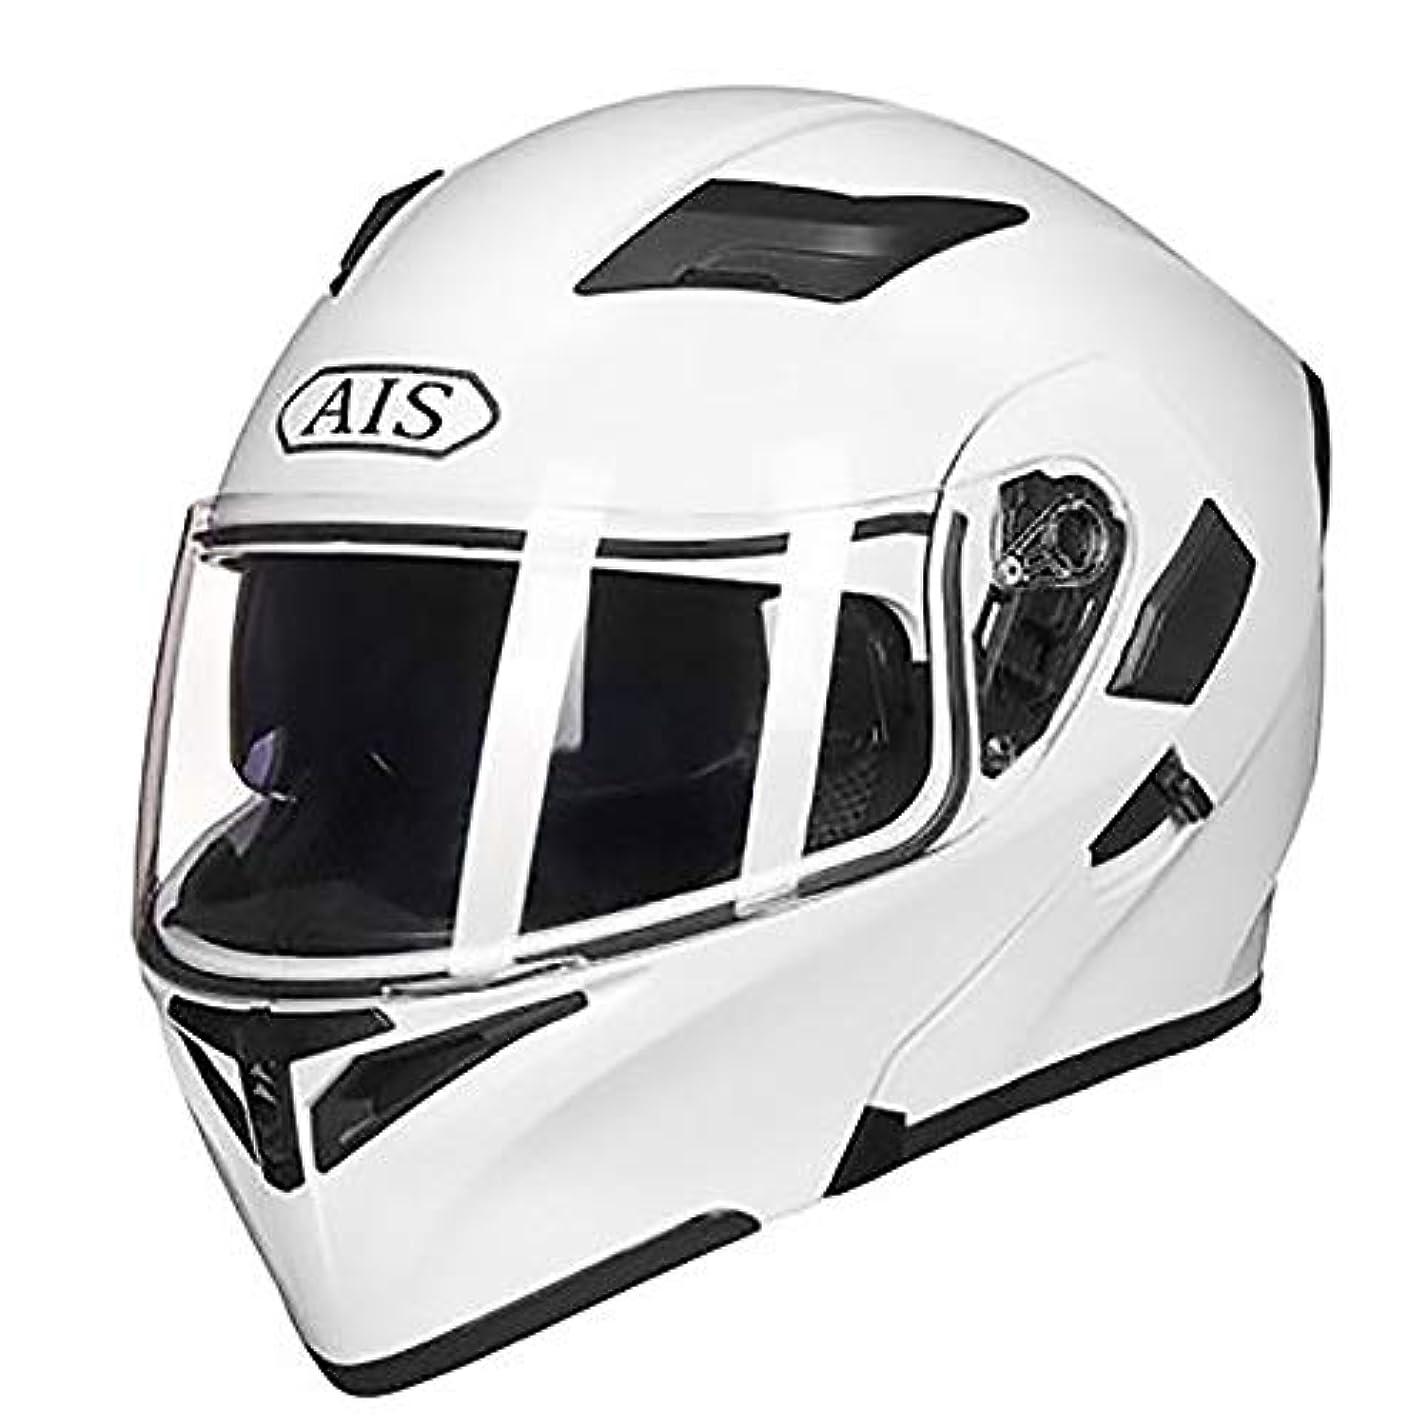 危険を冒します贅沢な軽くHYH 電気自動車のオートバイのヘルメットの自転車のマウンテンバイクのヘルメットの屋外の乗馬装置に乗っている純粋で白い大人の自転車のヘルメット いい人生 (Size : M)